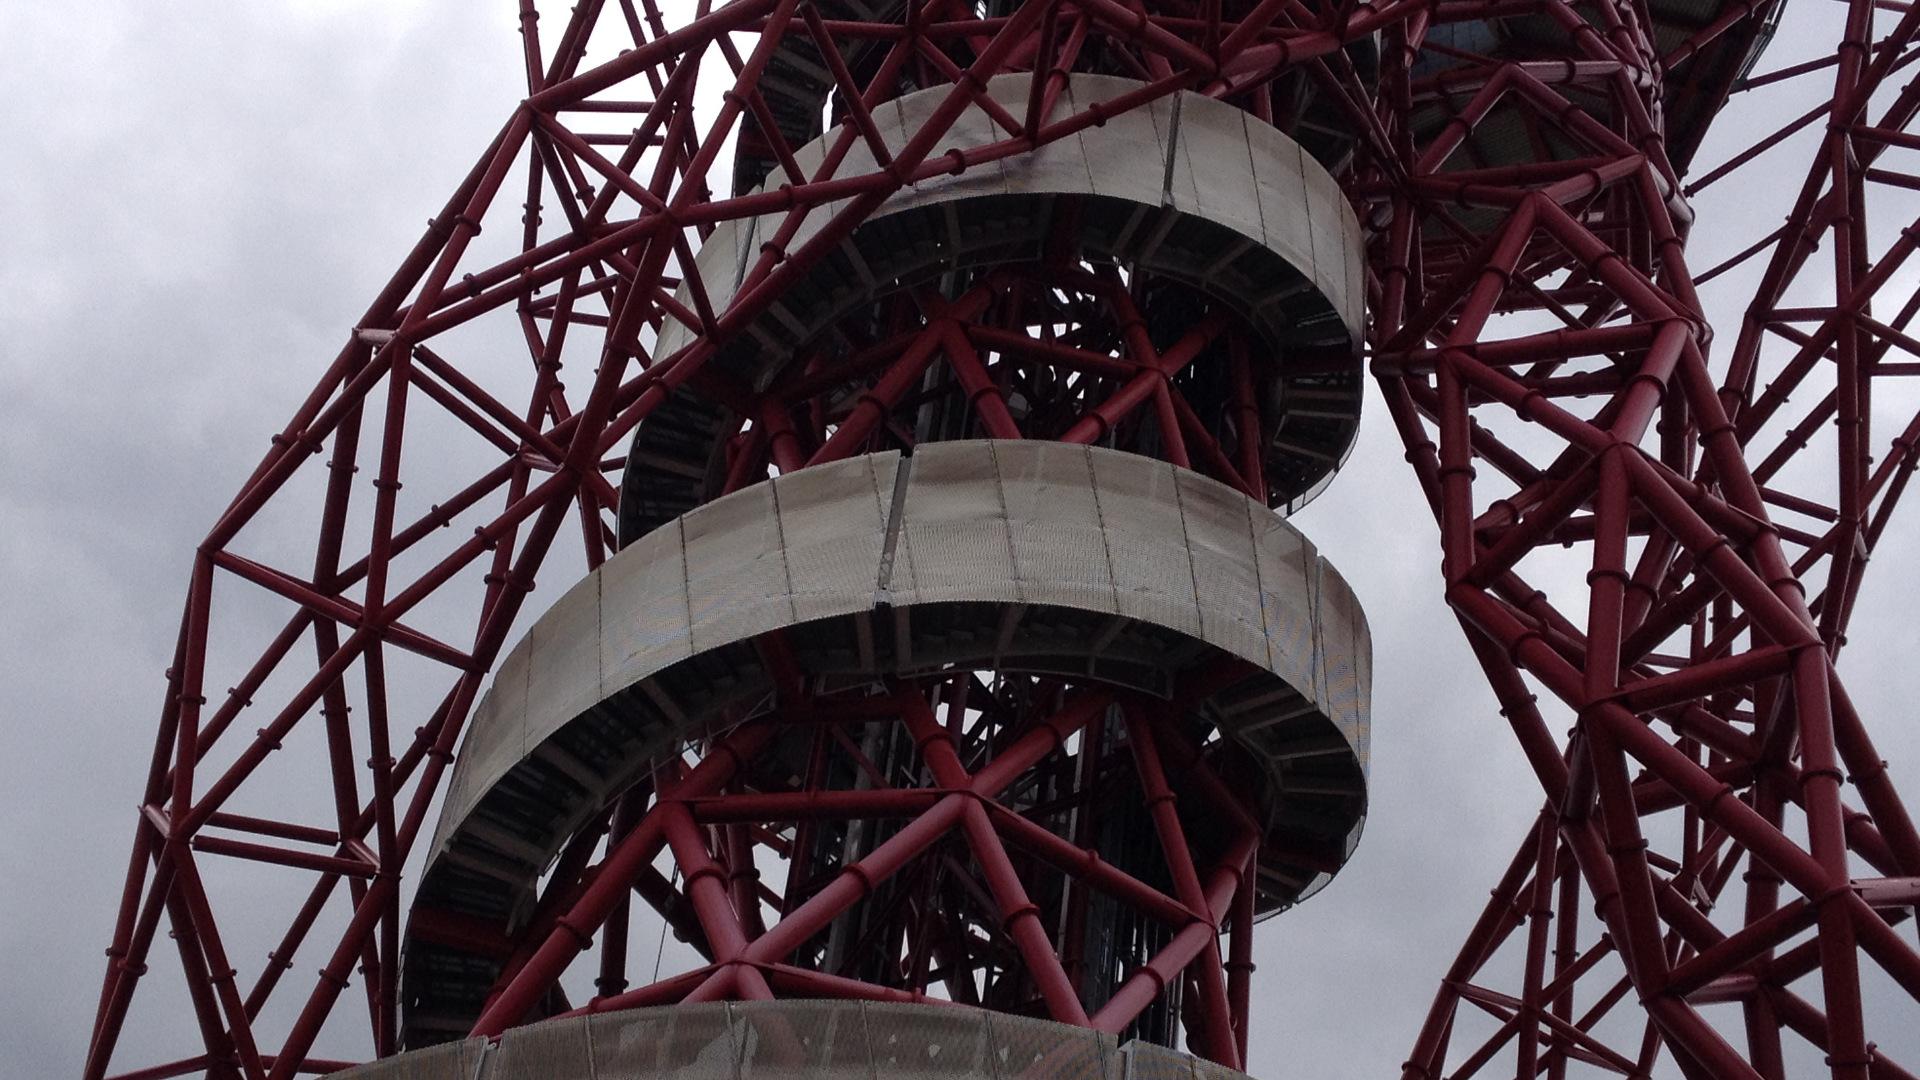 Olympic Park, London, Apr 27, 2015, by Aaron Lee, 07 Orbit